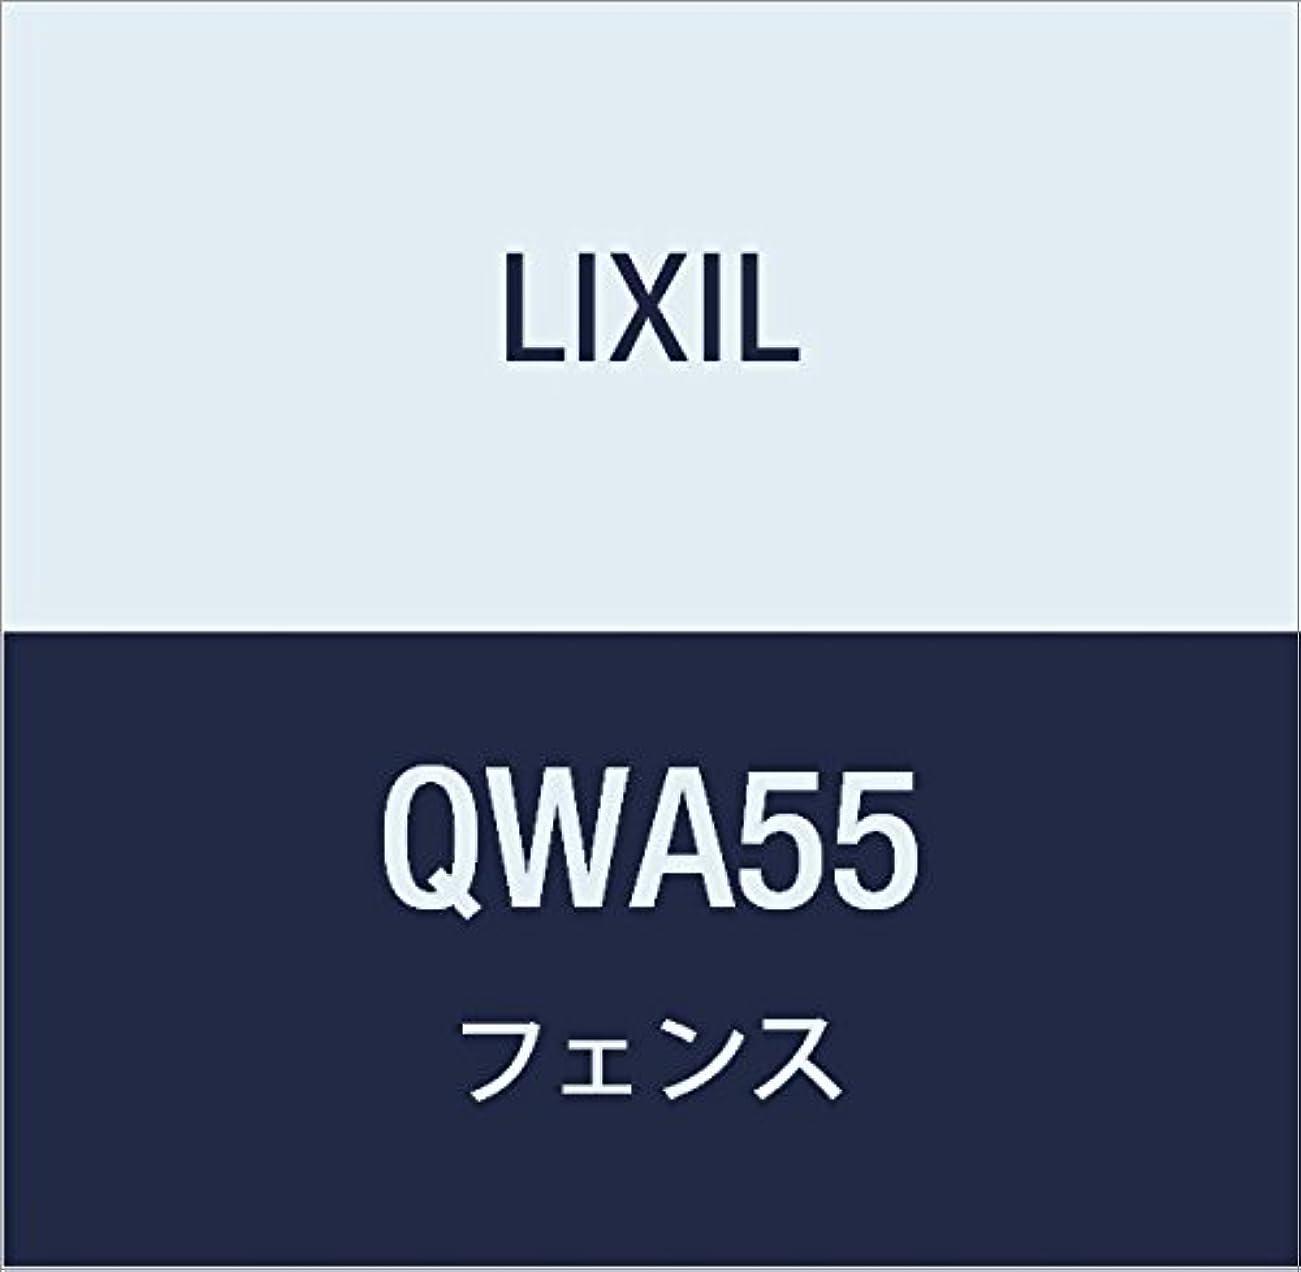 移行知覚するの中でLIXIL(リクシル) TOEX プログコートフェンス M1型本体 T-14 MB QWA55